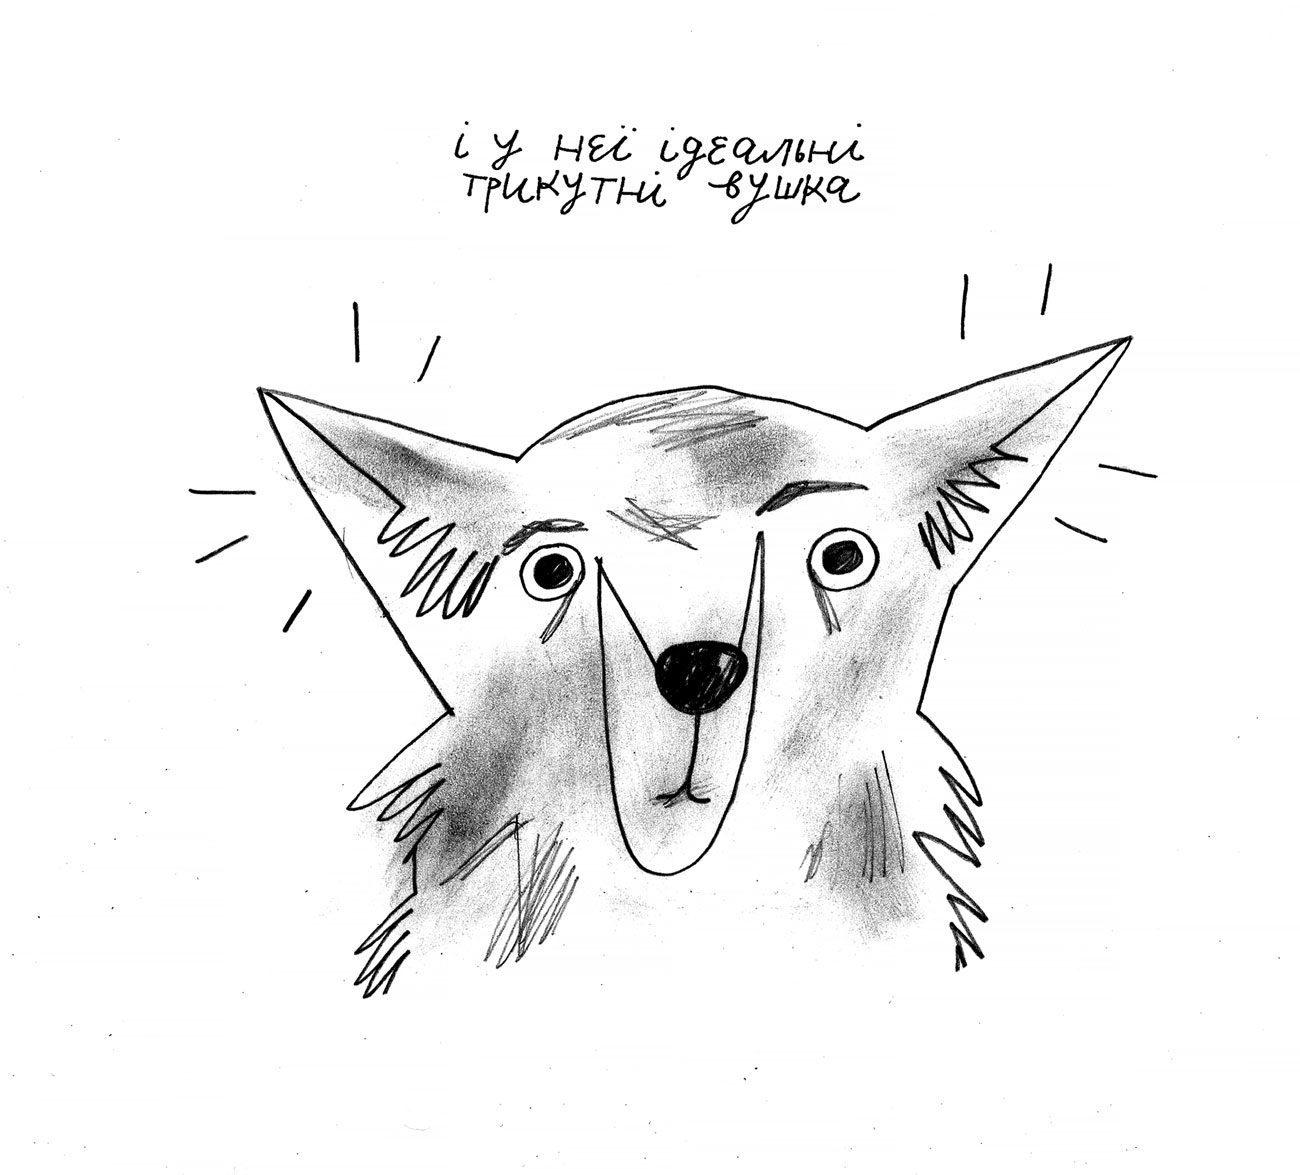 comics oliynik 21 - <b>Вам дісталася сумна дитина.</b> Комікс Жені Олійник про те, як депресія впливає на стосунки - Заборона